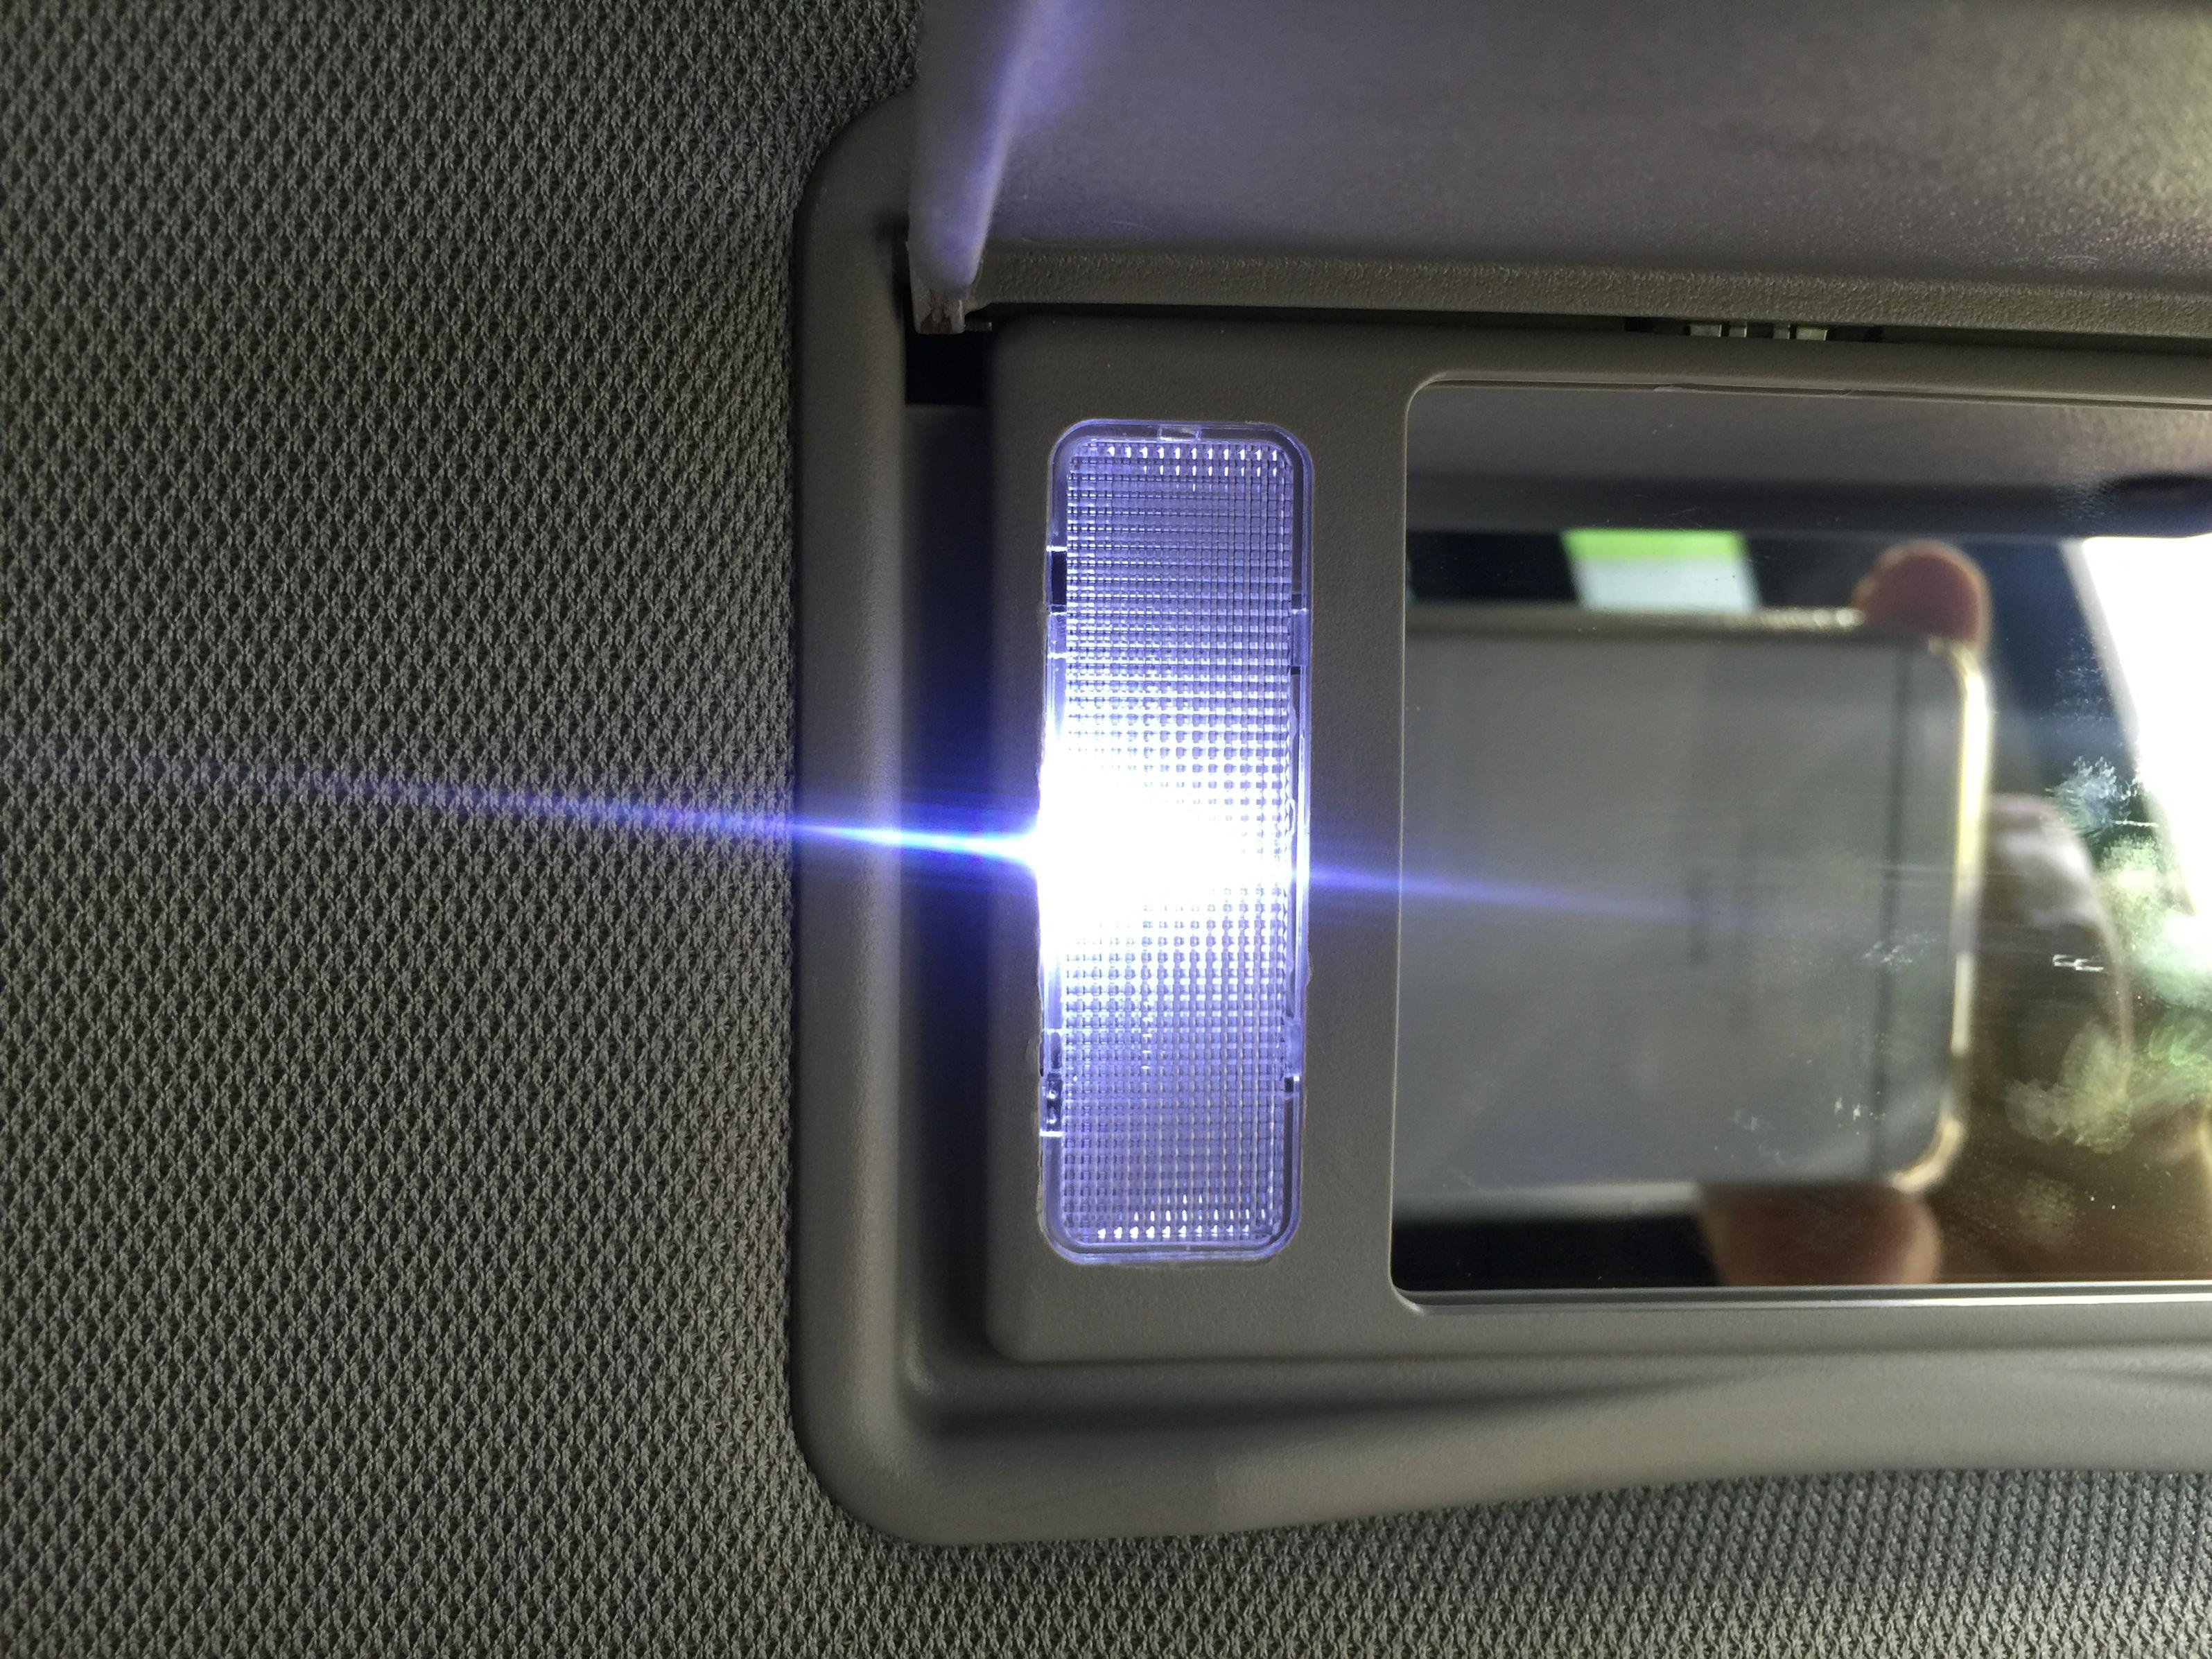 Toyota Camry: Vanity mirrors